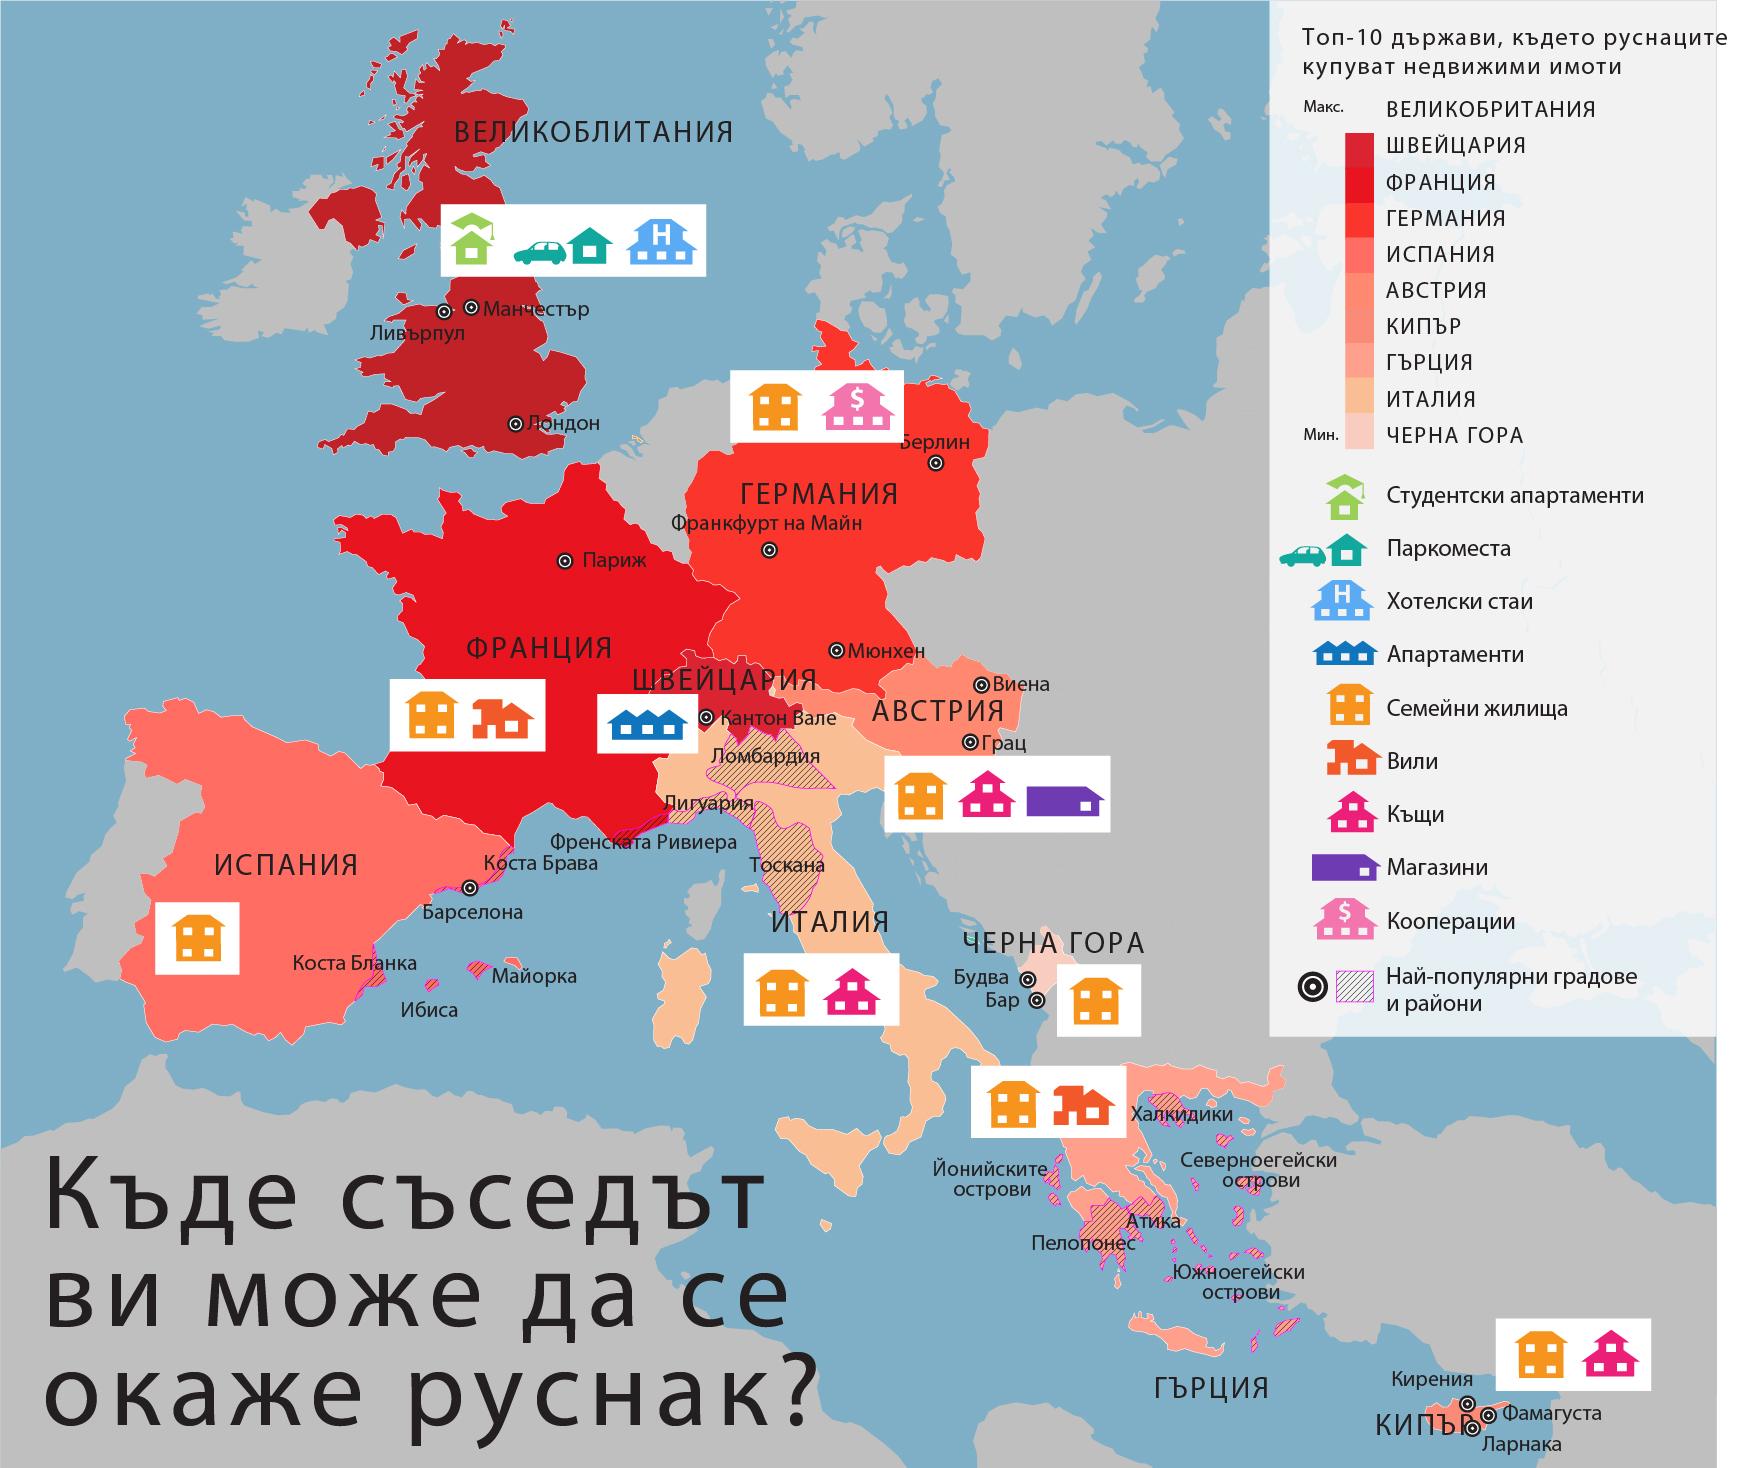 Топ-10 на държавите, където руснаците купуват недвижими имоти.